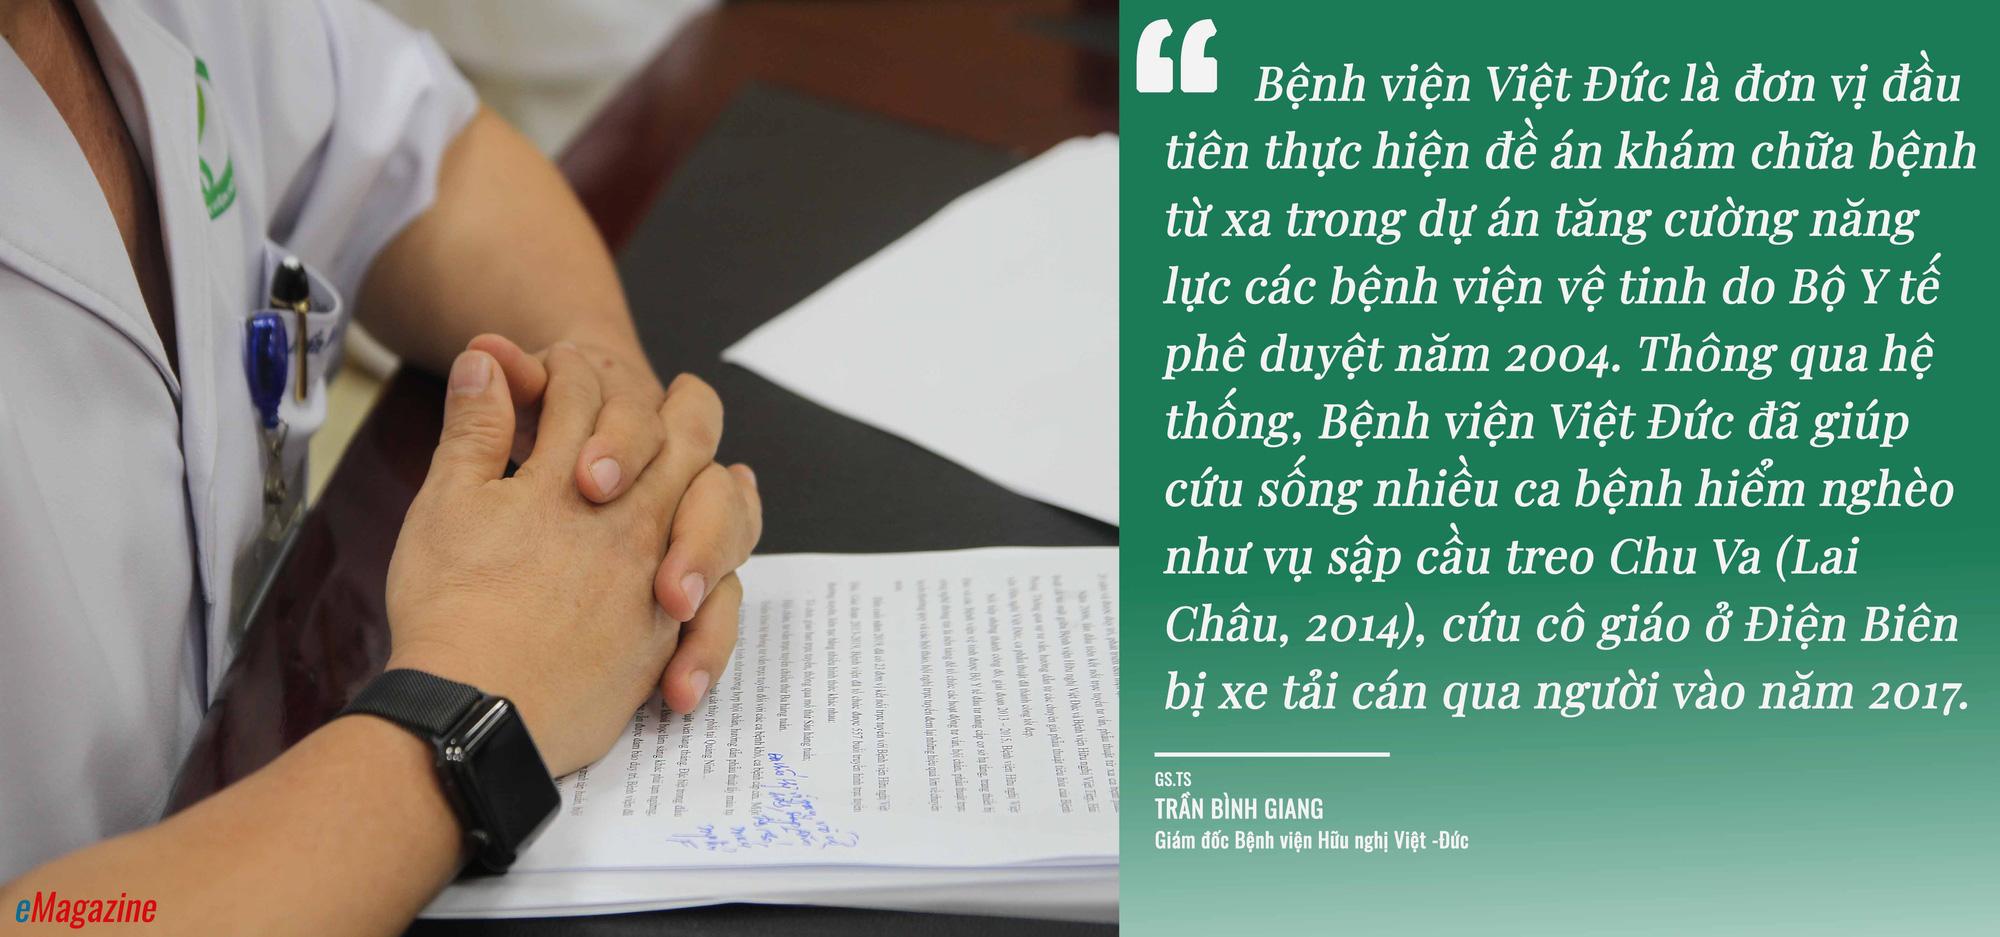 Telehealth và trăn trở từ 15 năm trước của Giám đốc Bệnh viện Việt Đức - Ảnh 13.